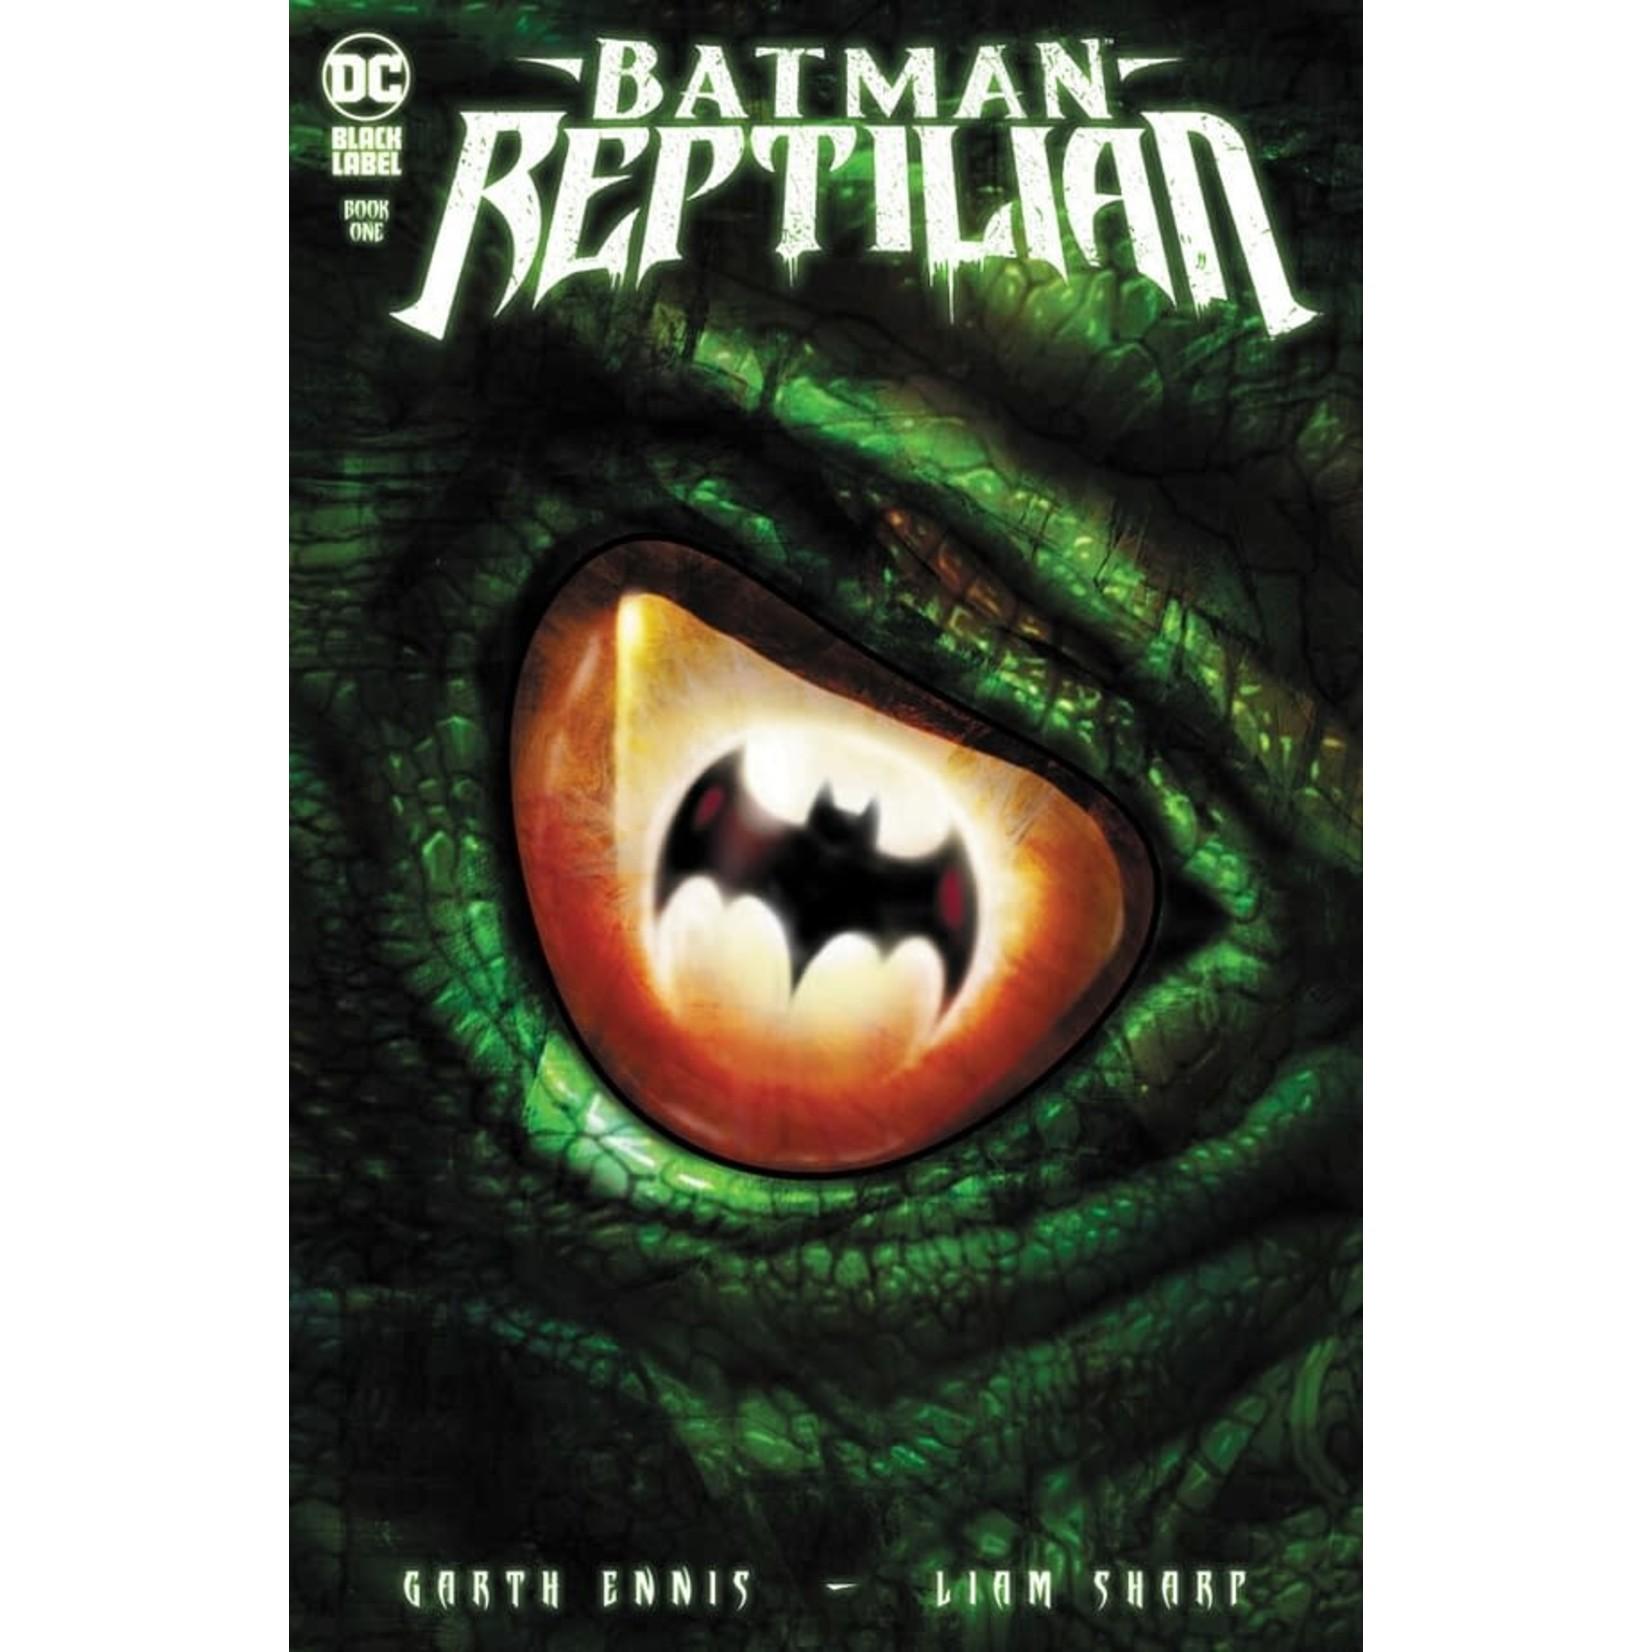 DC Comics Batman: Reptilian #1